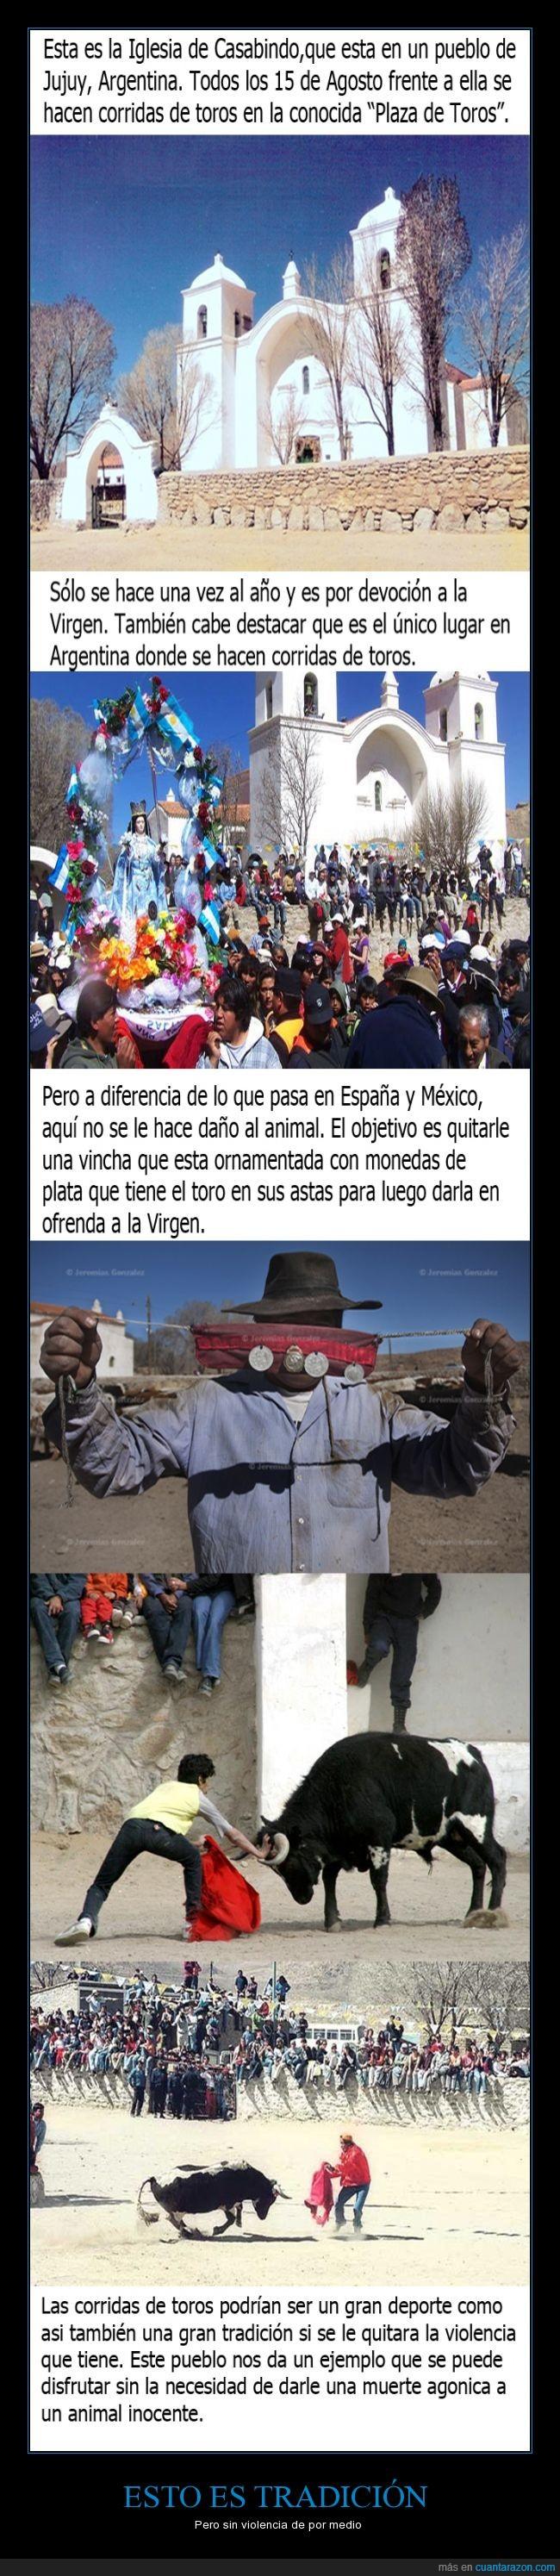 Argentina,ejemplo,España,Jujuy,Méjico,México,Pacifica,prefiero este tipo de fiestas,Spain,toros,Violentas